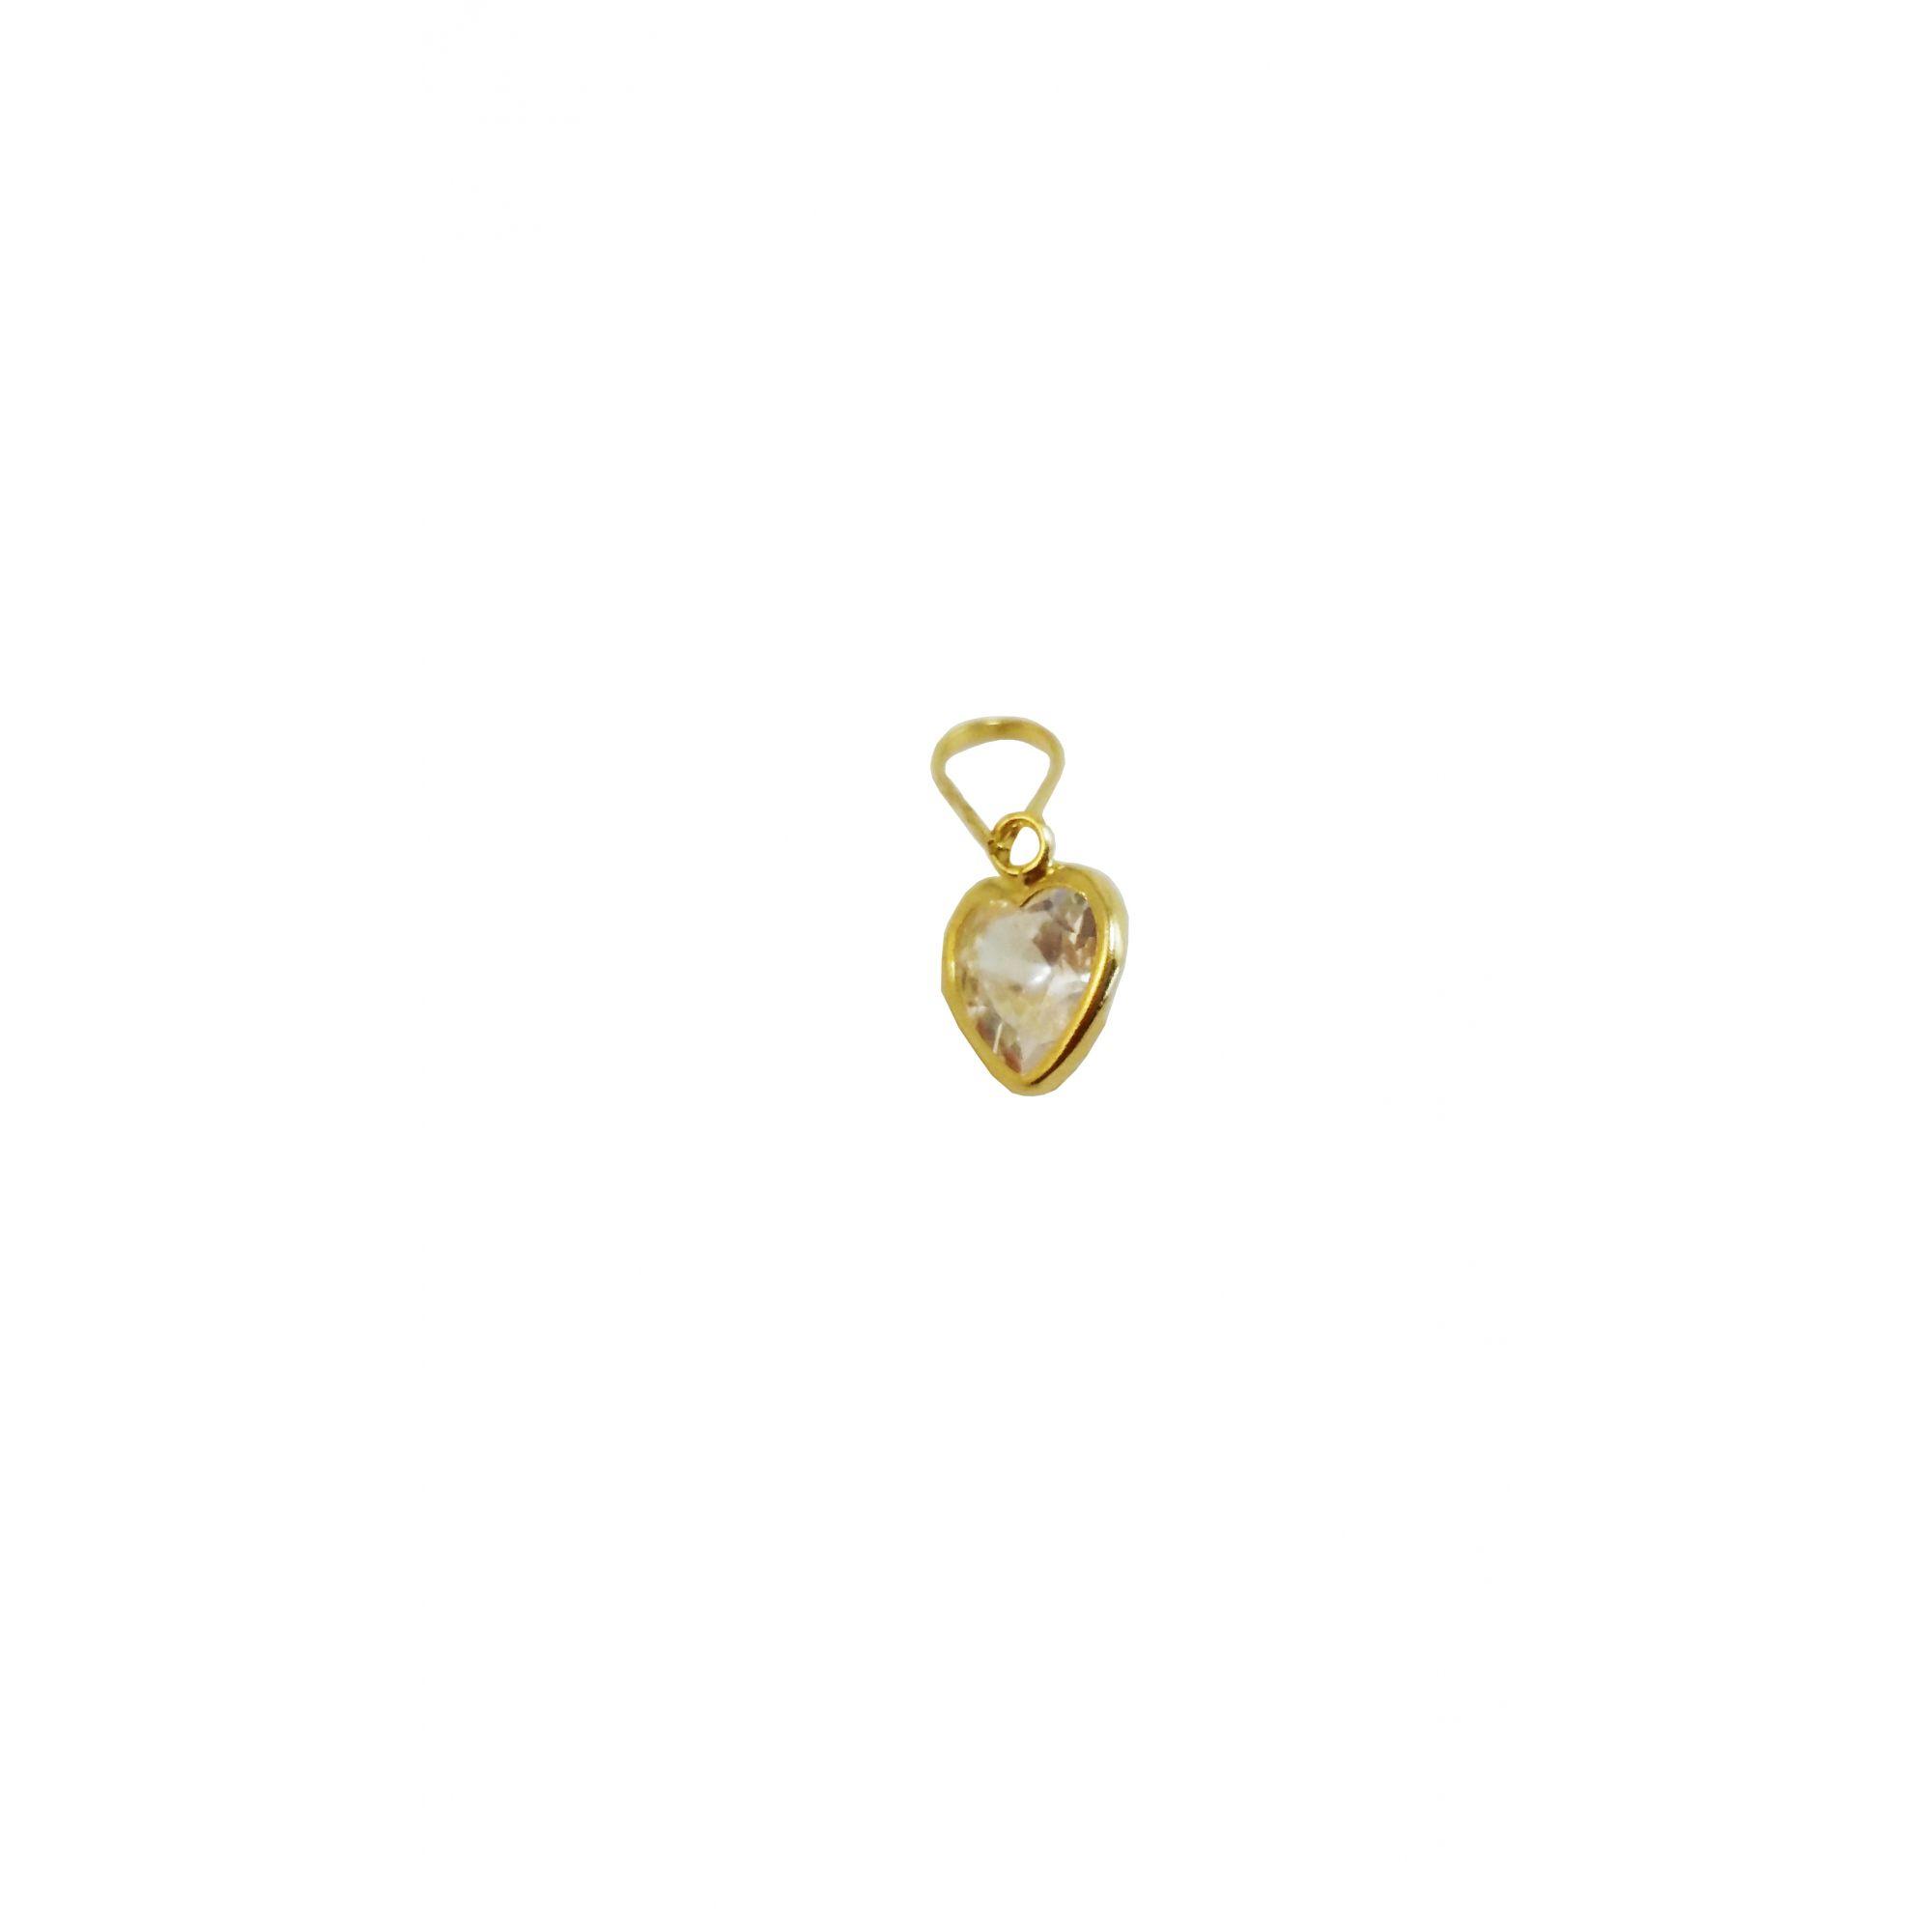 Pingente Ouro Amarelo 18k Ponto de Luz Coração L 1.1